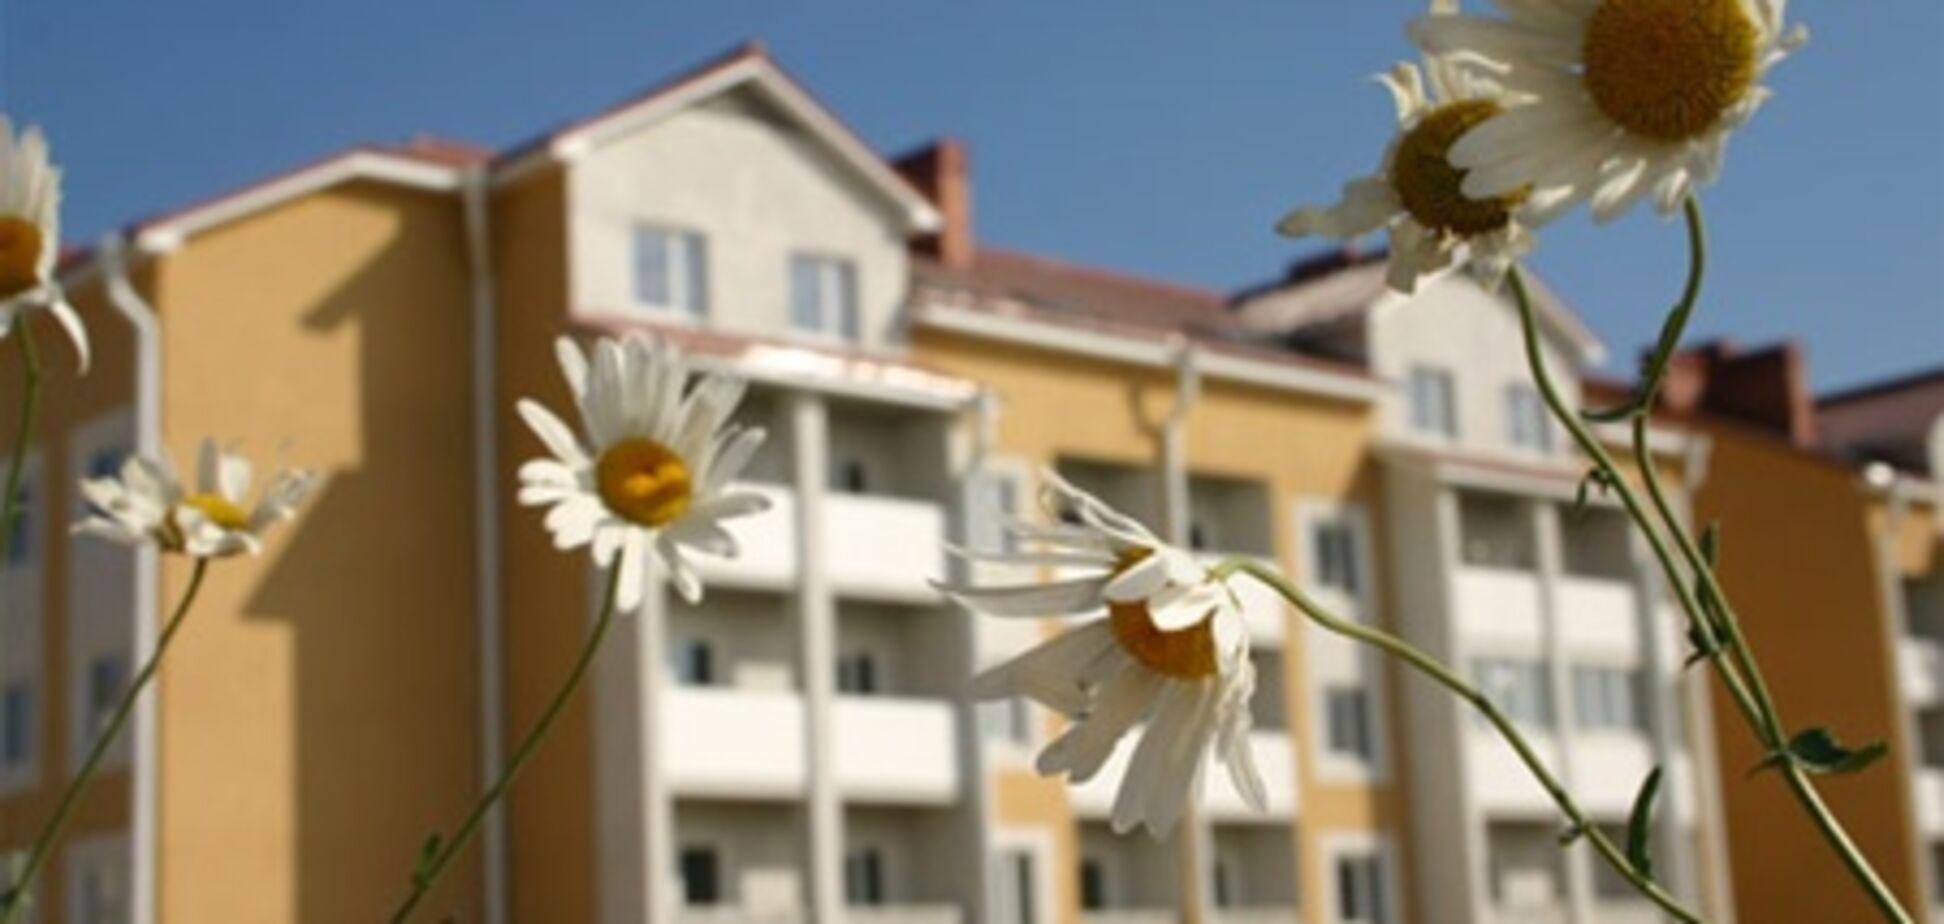 Как уберечься от обмана при покупке жилья в строящемся доме?